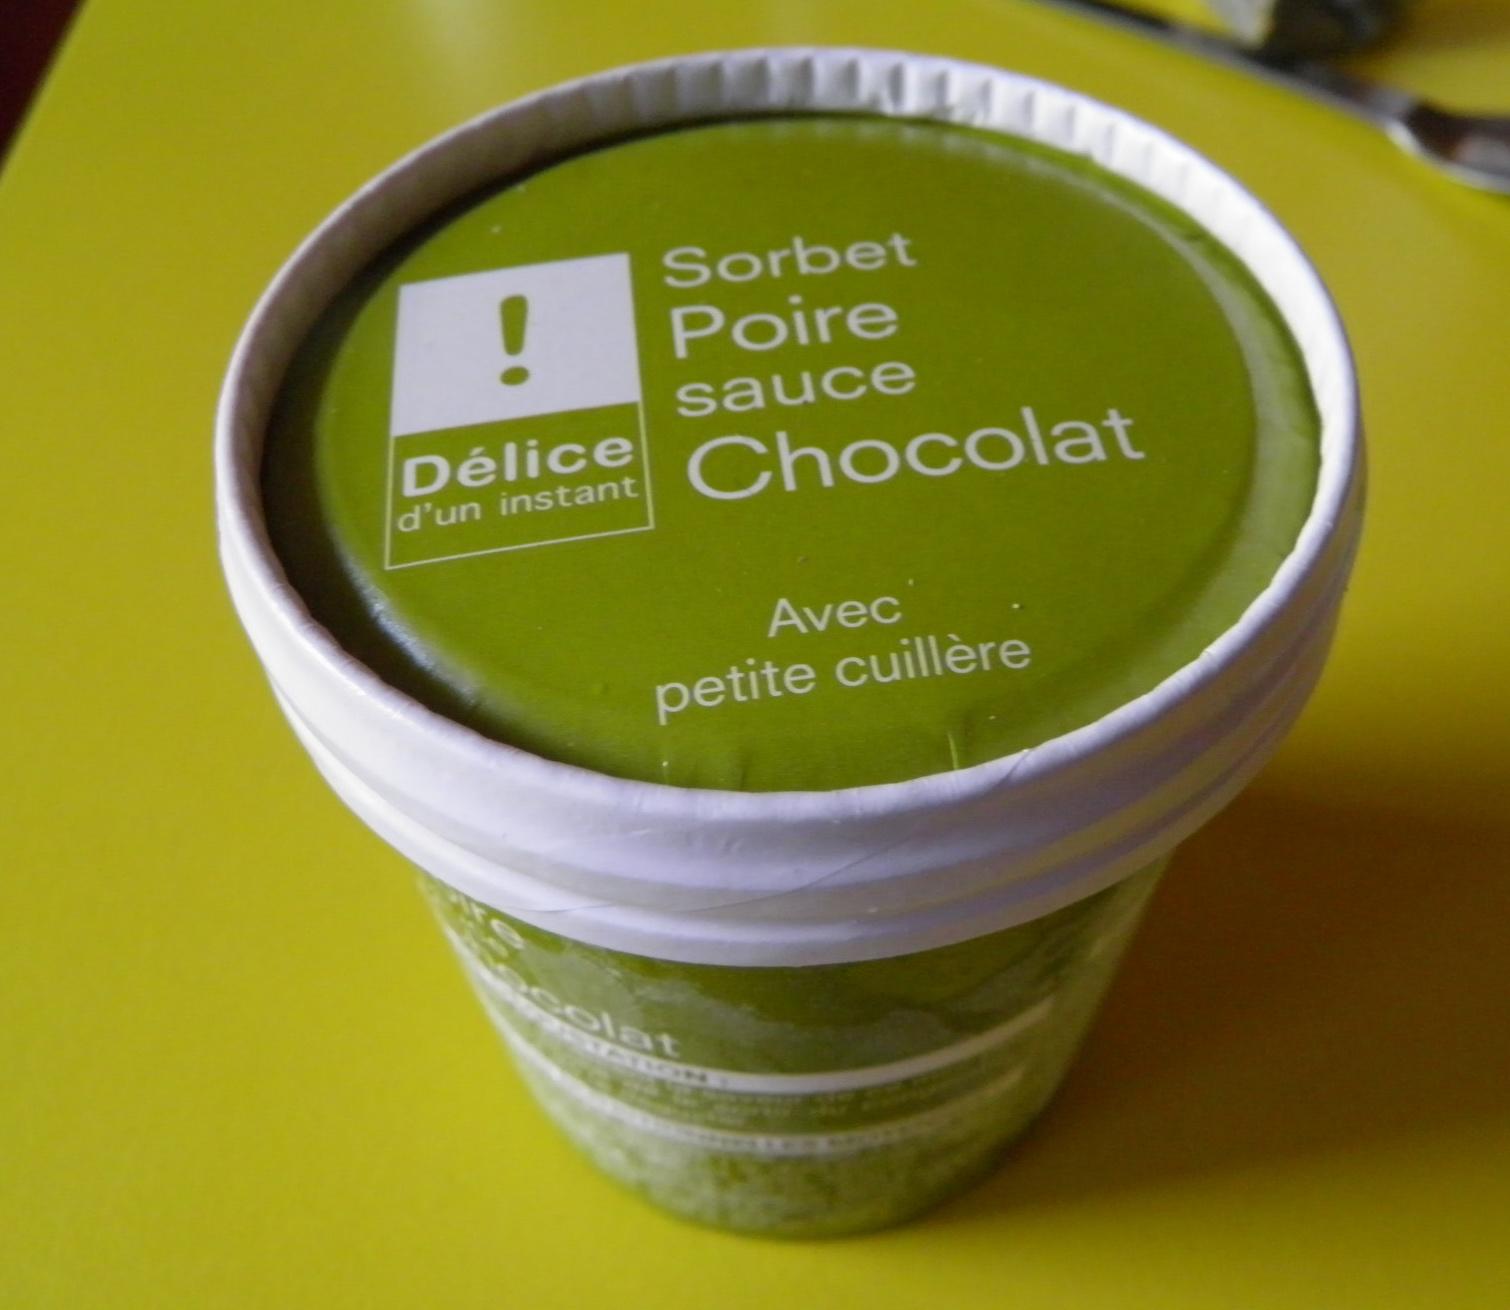 Sorbet Poire sauce Chocolat - Produit - fr